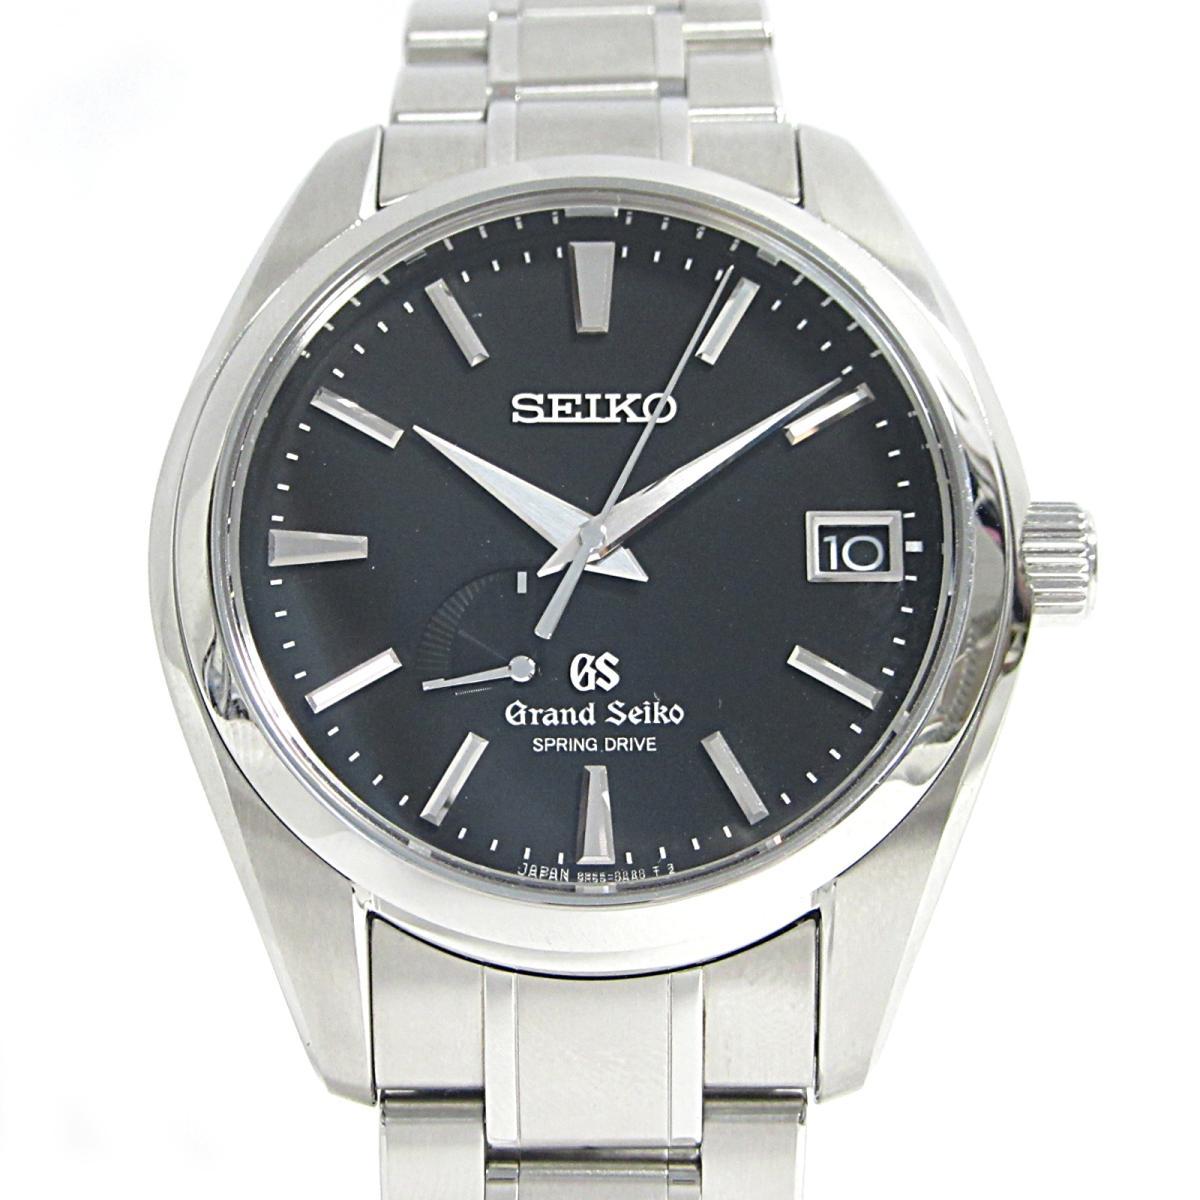 【中古】 セイコー GS グランドセイコー スプリングドライブ パワーリザーブ 腕時計 ウォッチ メンズ ステンレススチール (SS) (SBGA003) | SEIKO BRANDOFF ブランドオフ レディース ブランド ブランド時計 ブランド腕時計 時計